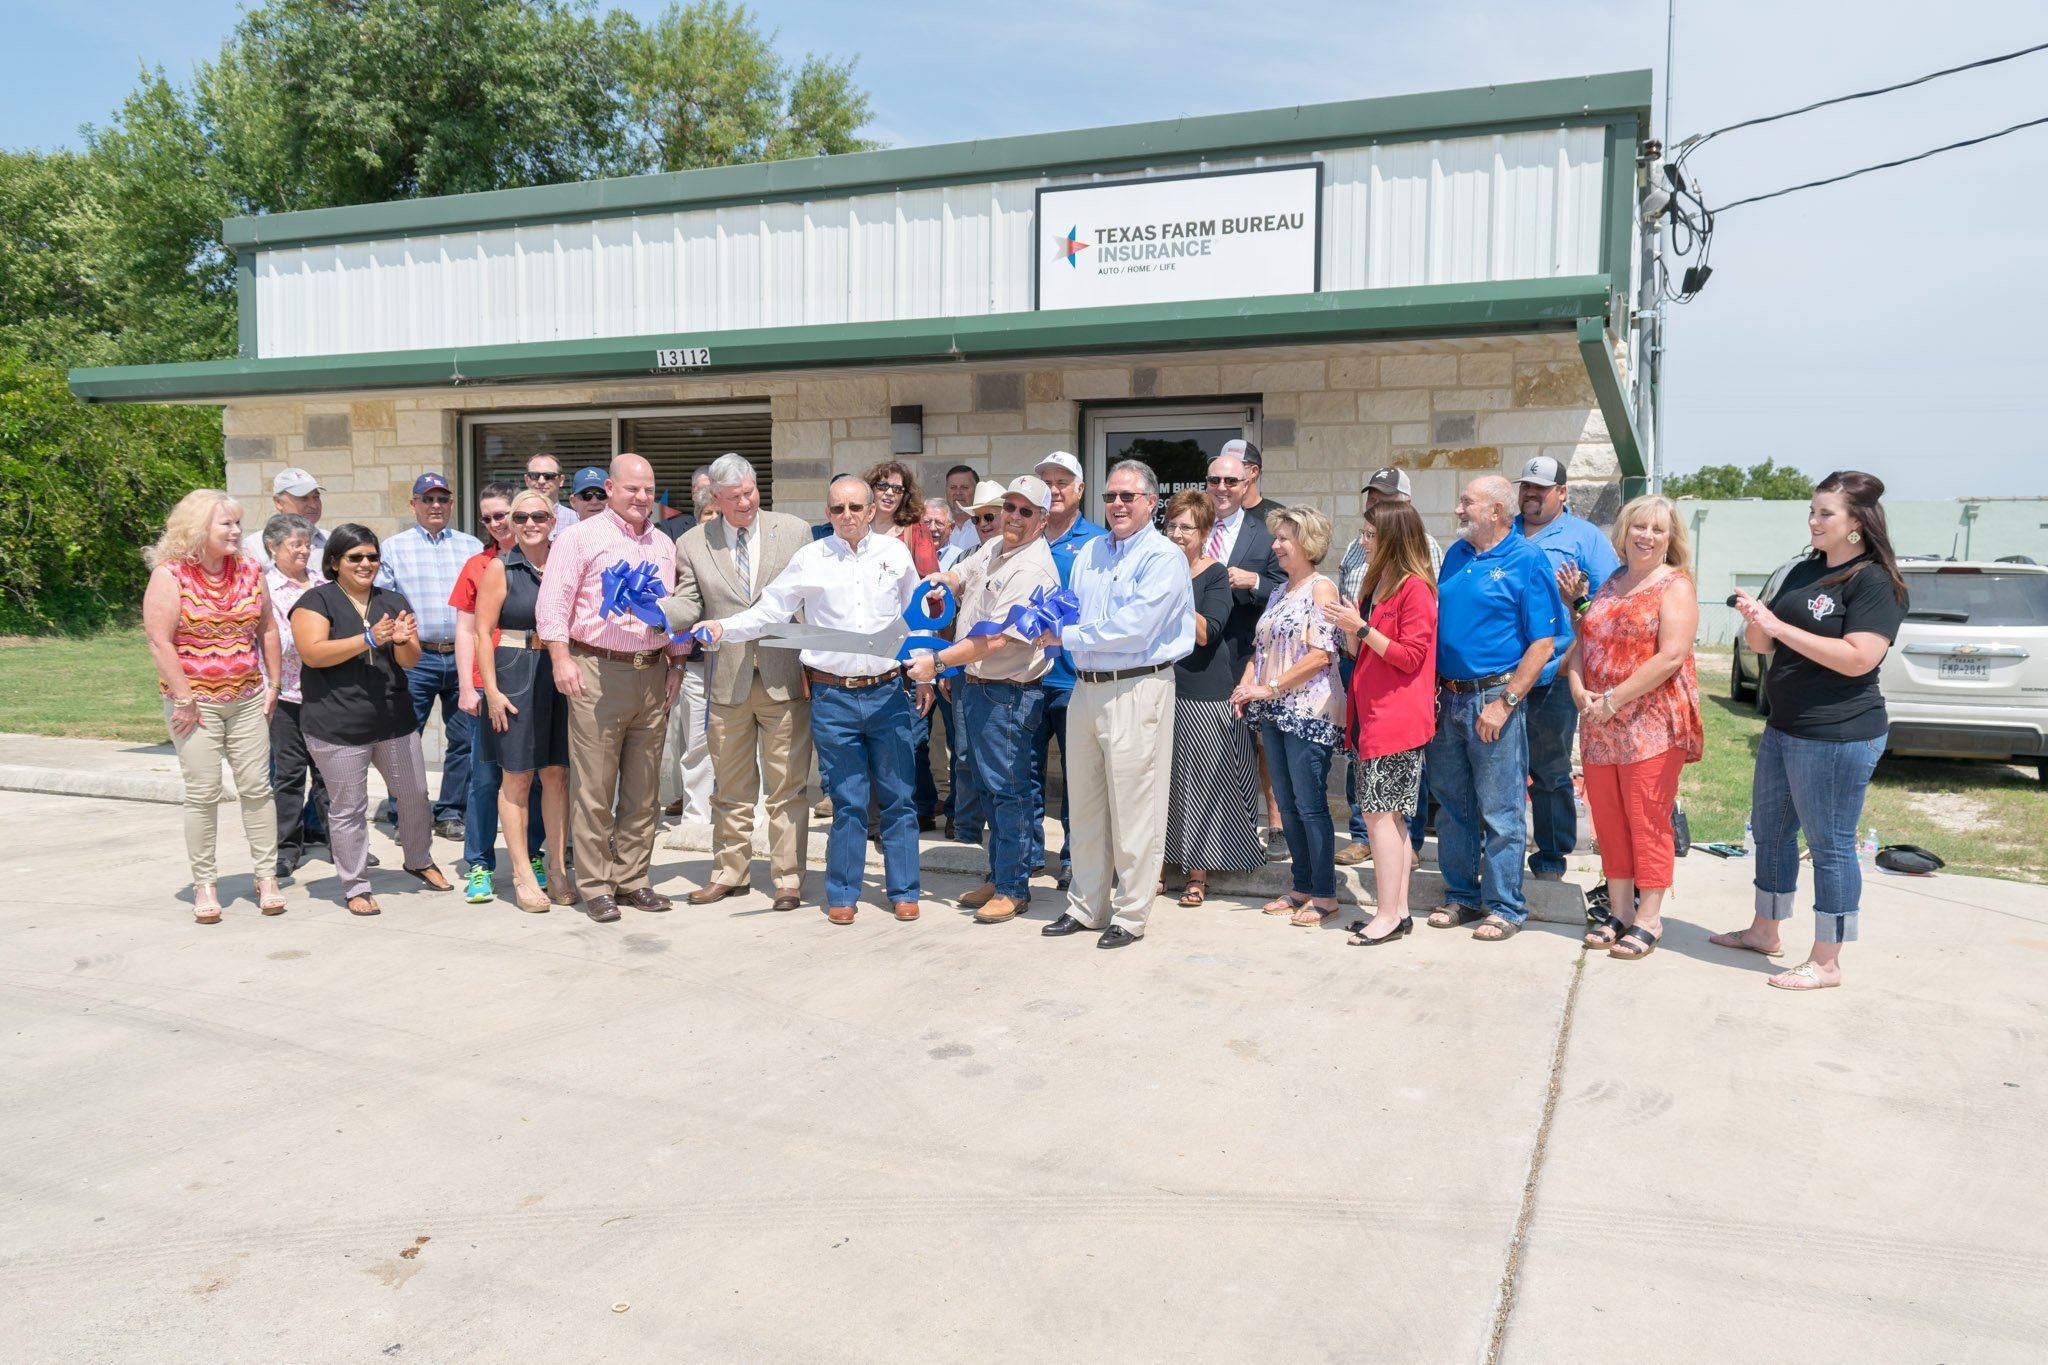 Texas Farm Bureau Ribbon Cutting